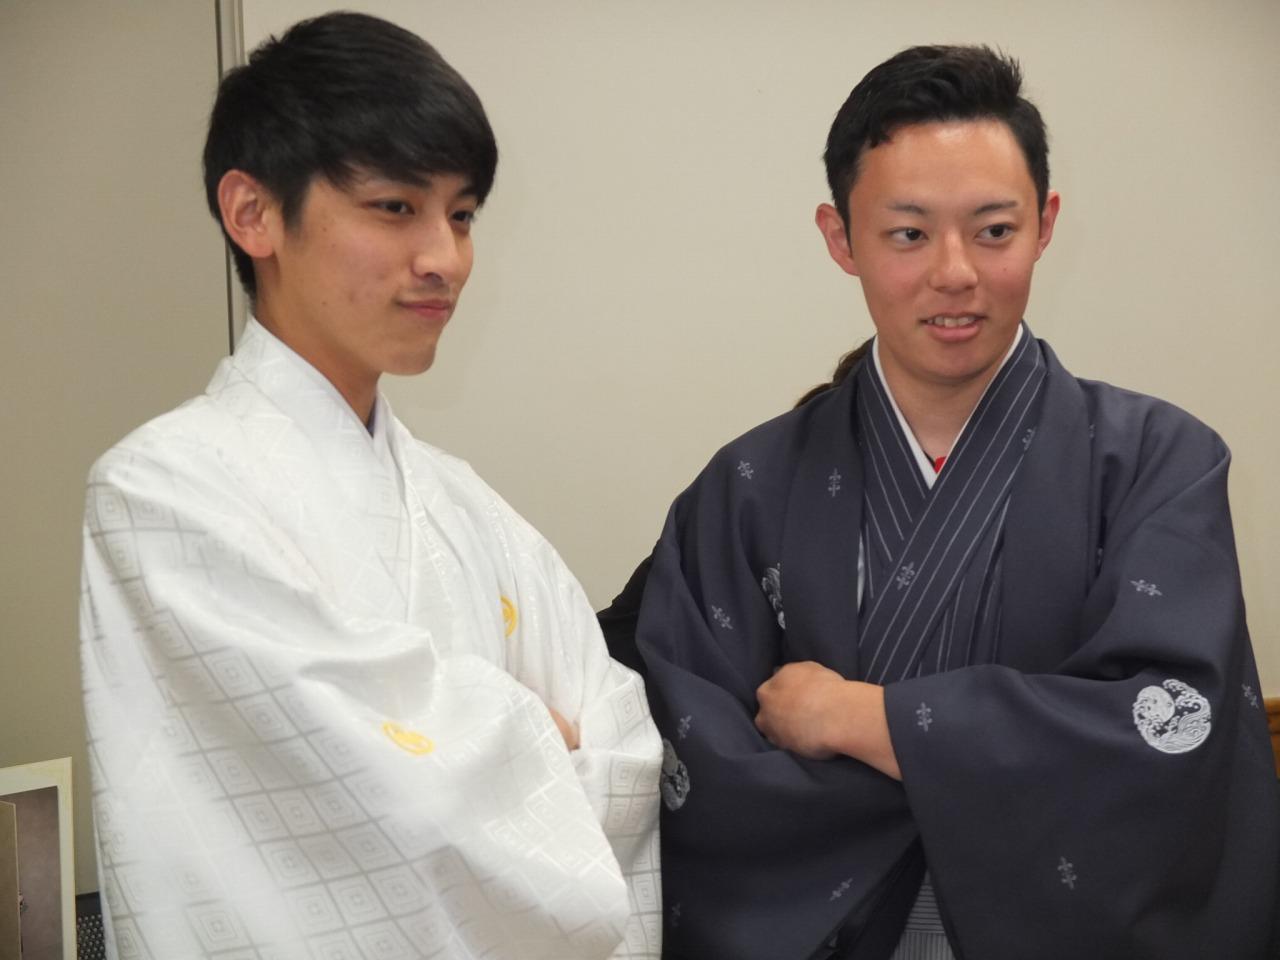 袴姿の男性も素敵ですね♪